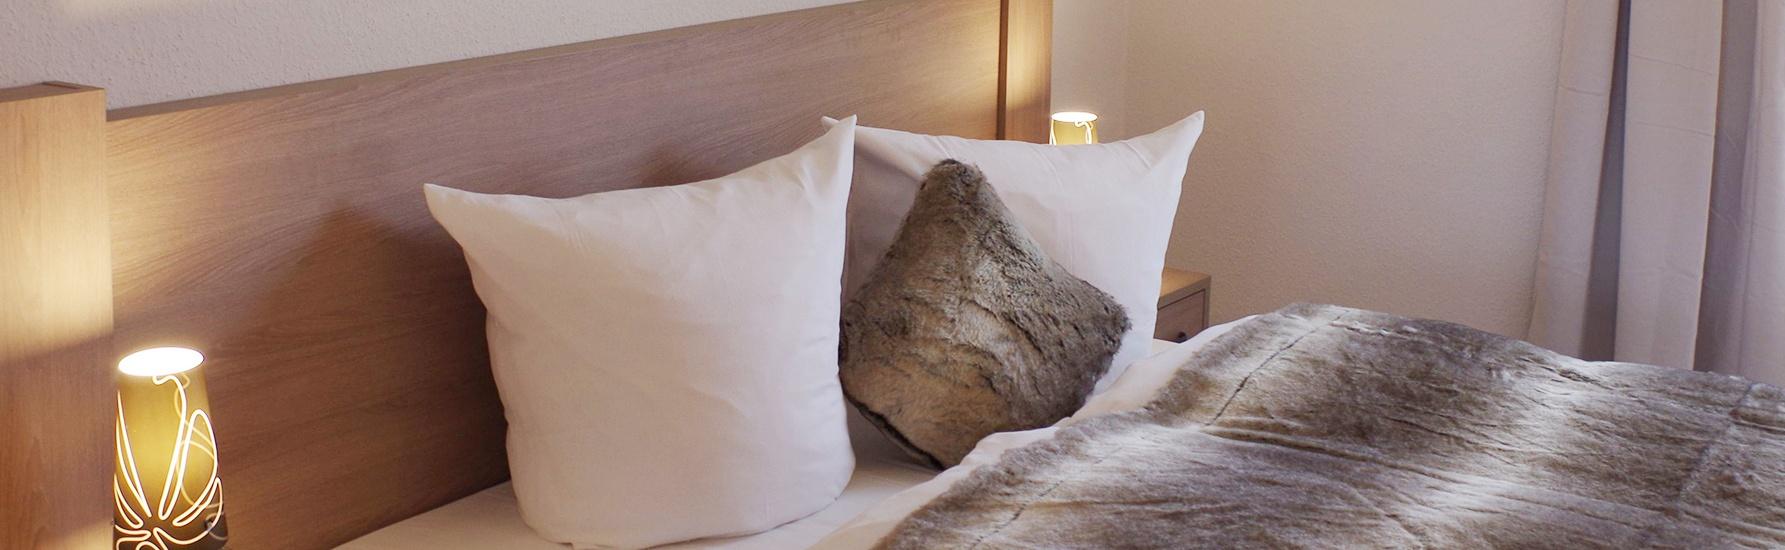 Ferienwohnung-Weißig-Garten-Schlafzimmer